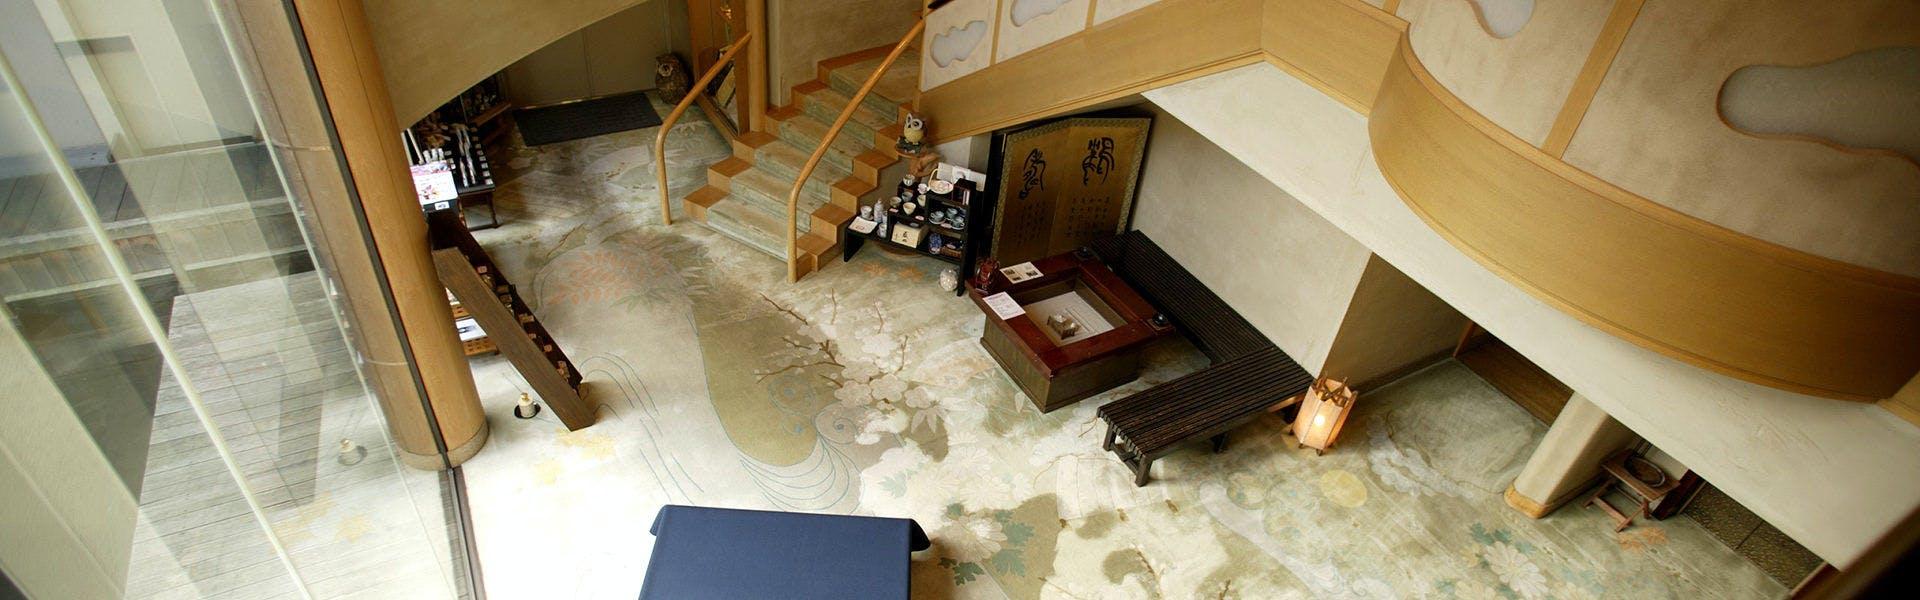 記念日におすすめのホテル・香雲館の写真2